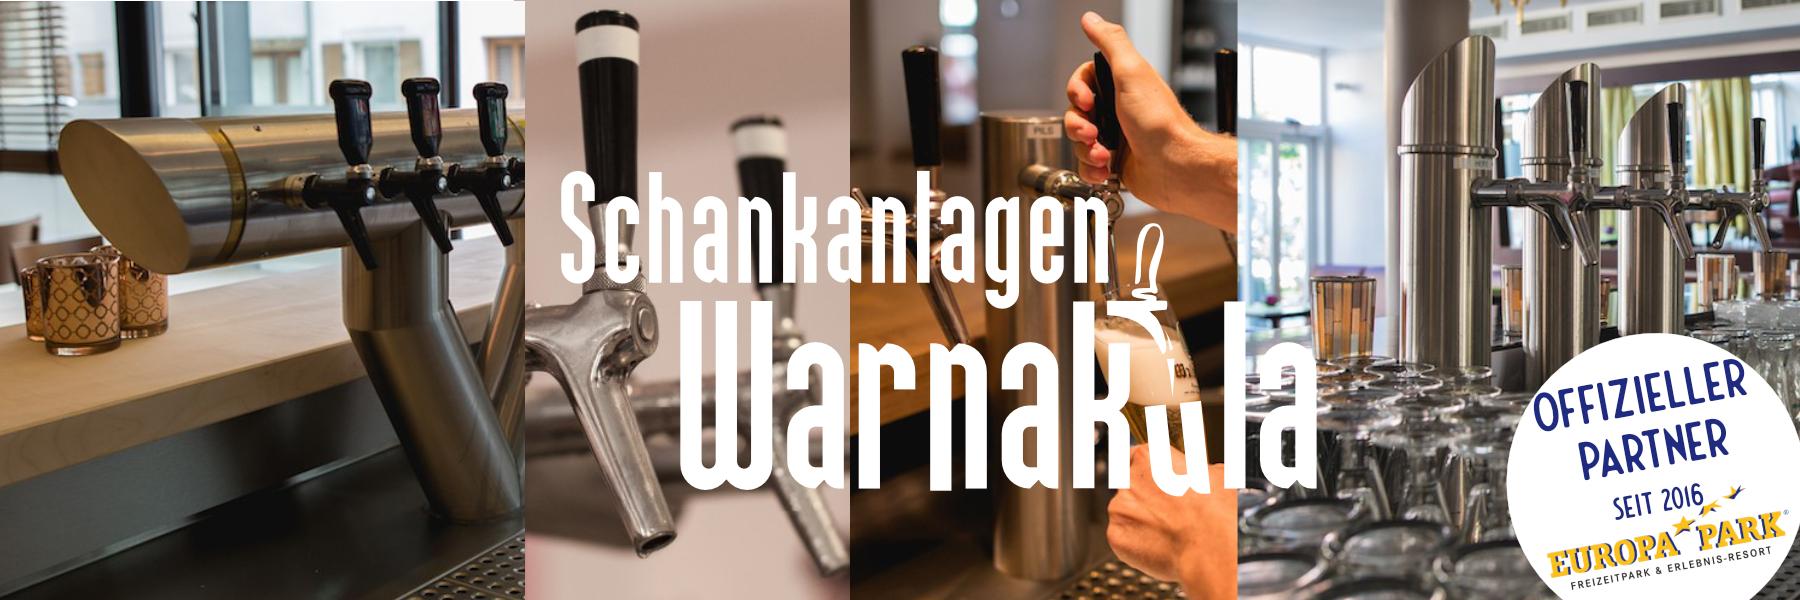 Schankanlagen Warnakula